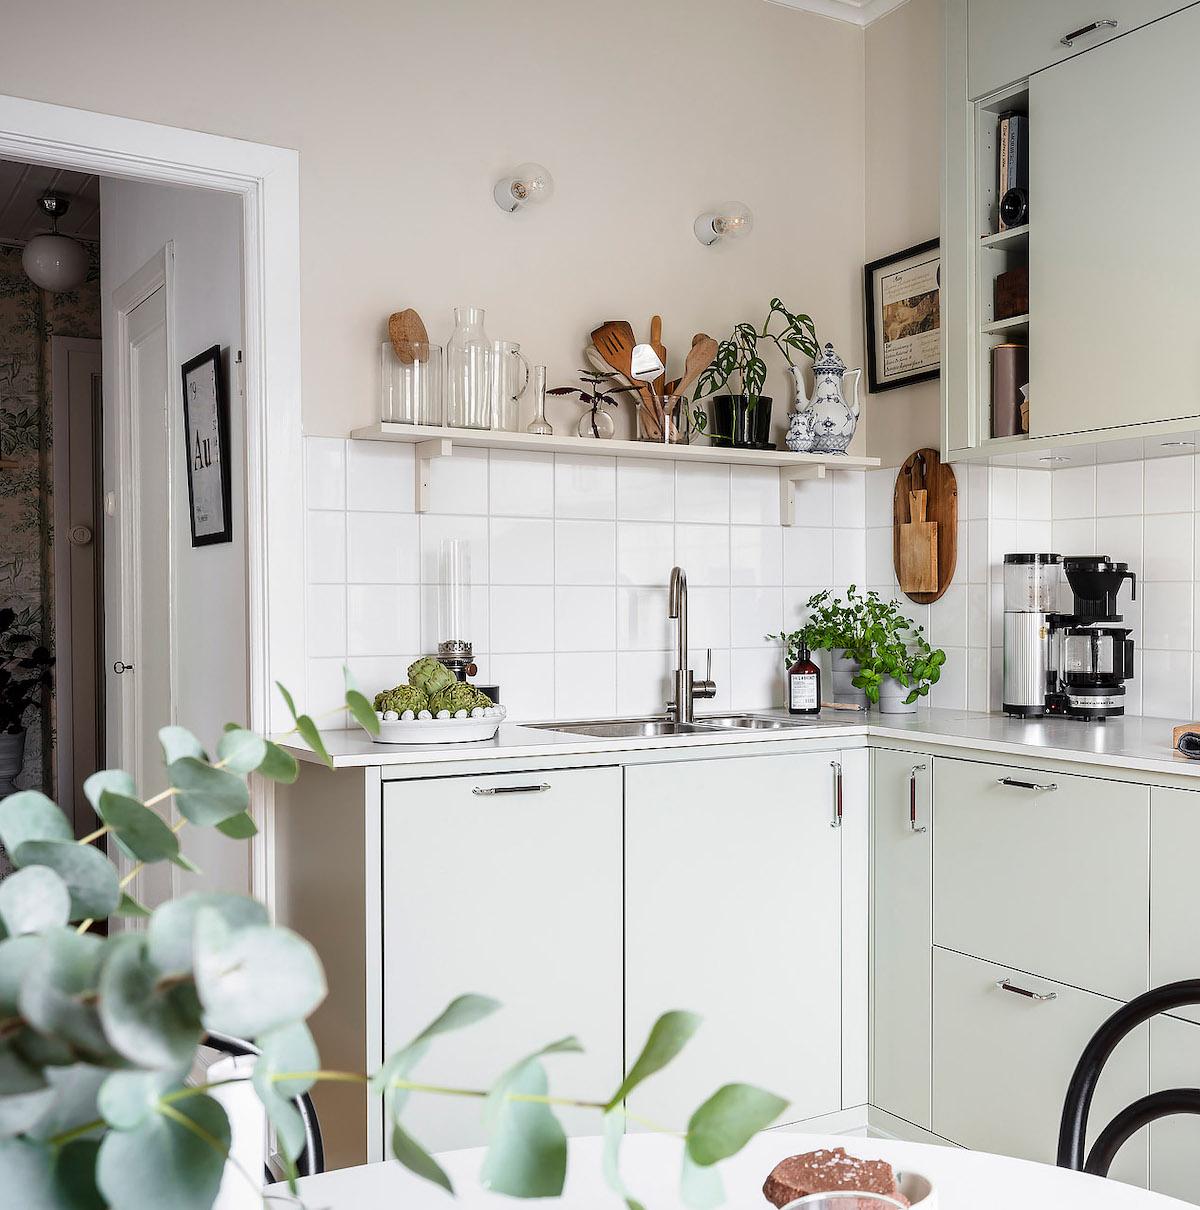 papier peint cuisine meuble vert pastel mur rose pale carrelage blanc bois - blog déco - clem around the-corner